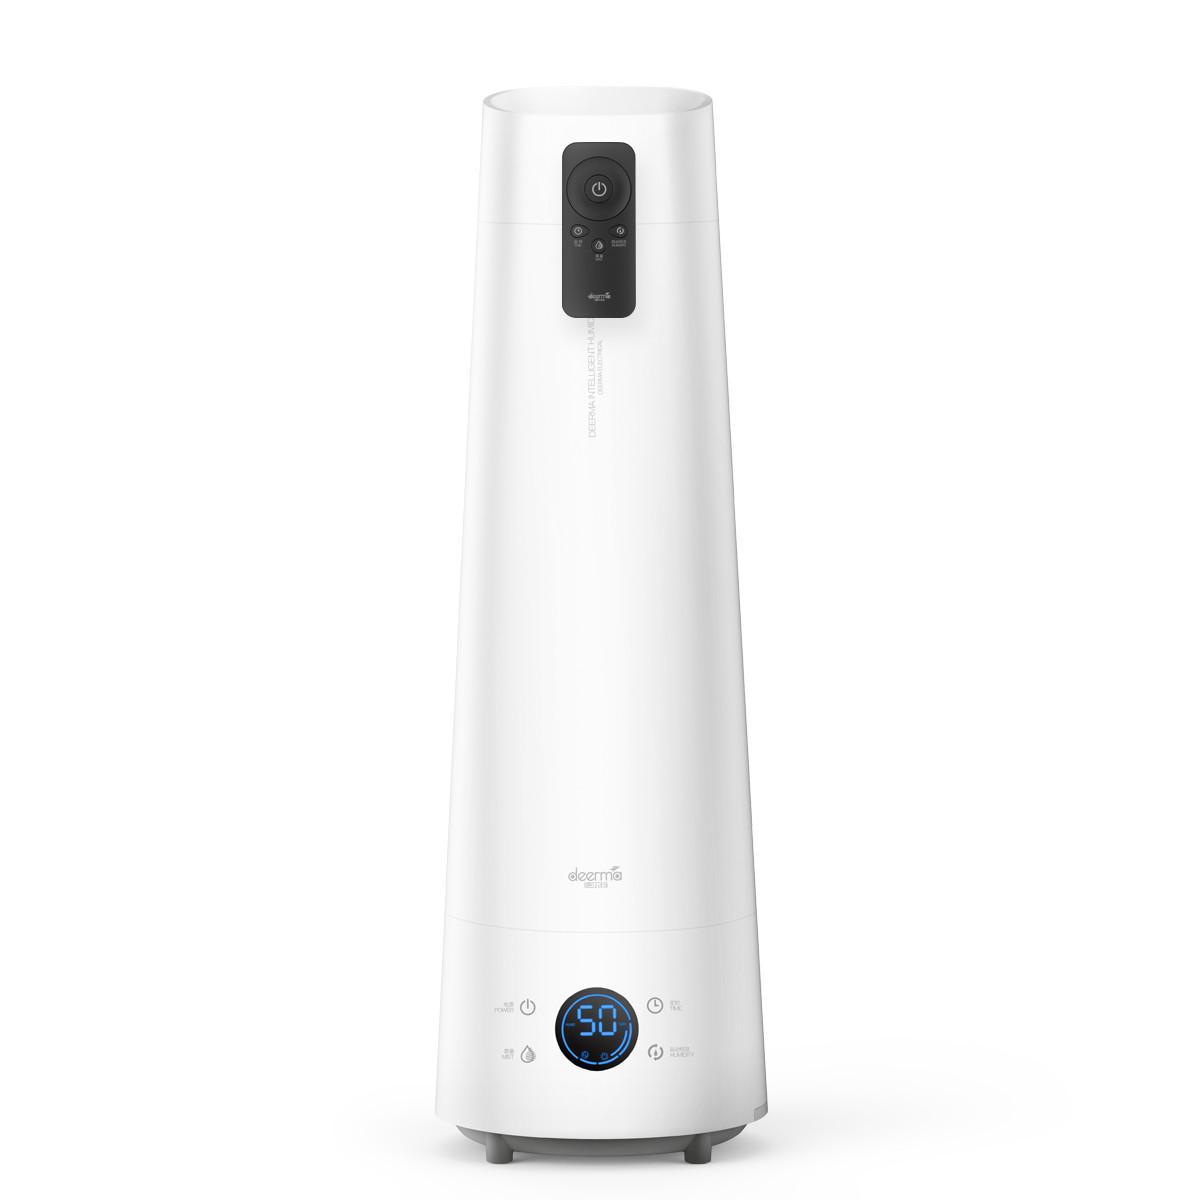 德尔玛德尔玛 落地加湿器 卧室空气加湿器家用 湿化器 LD220DEM-LD220